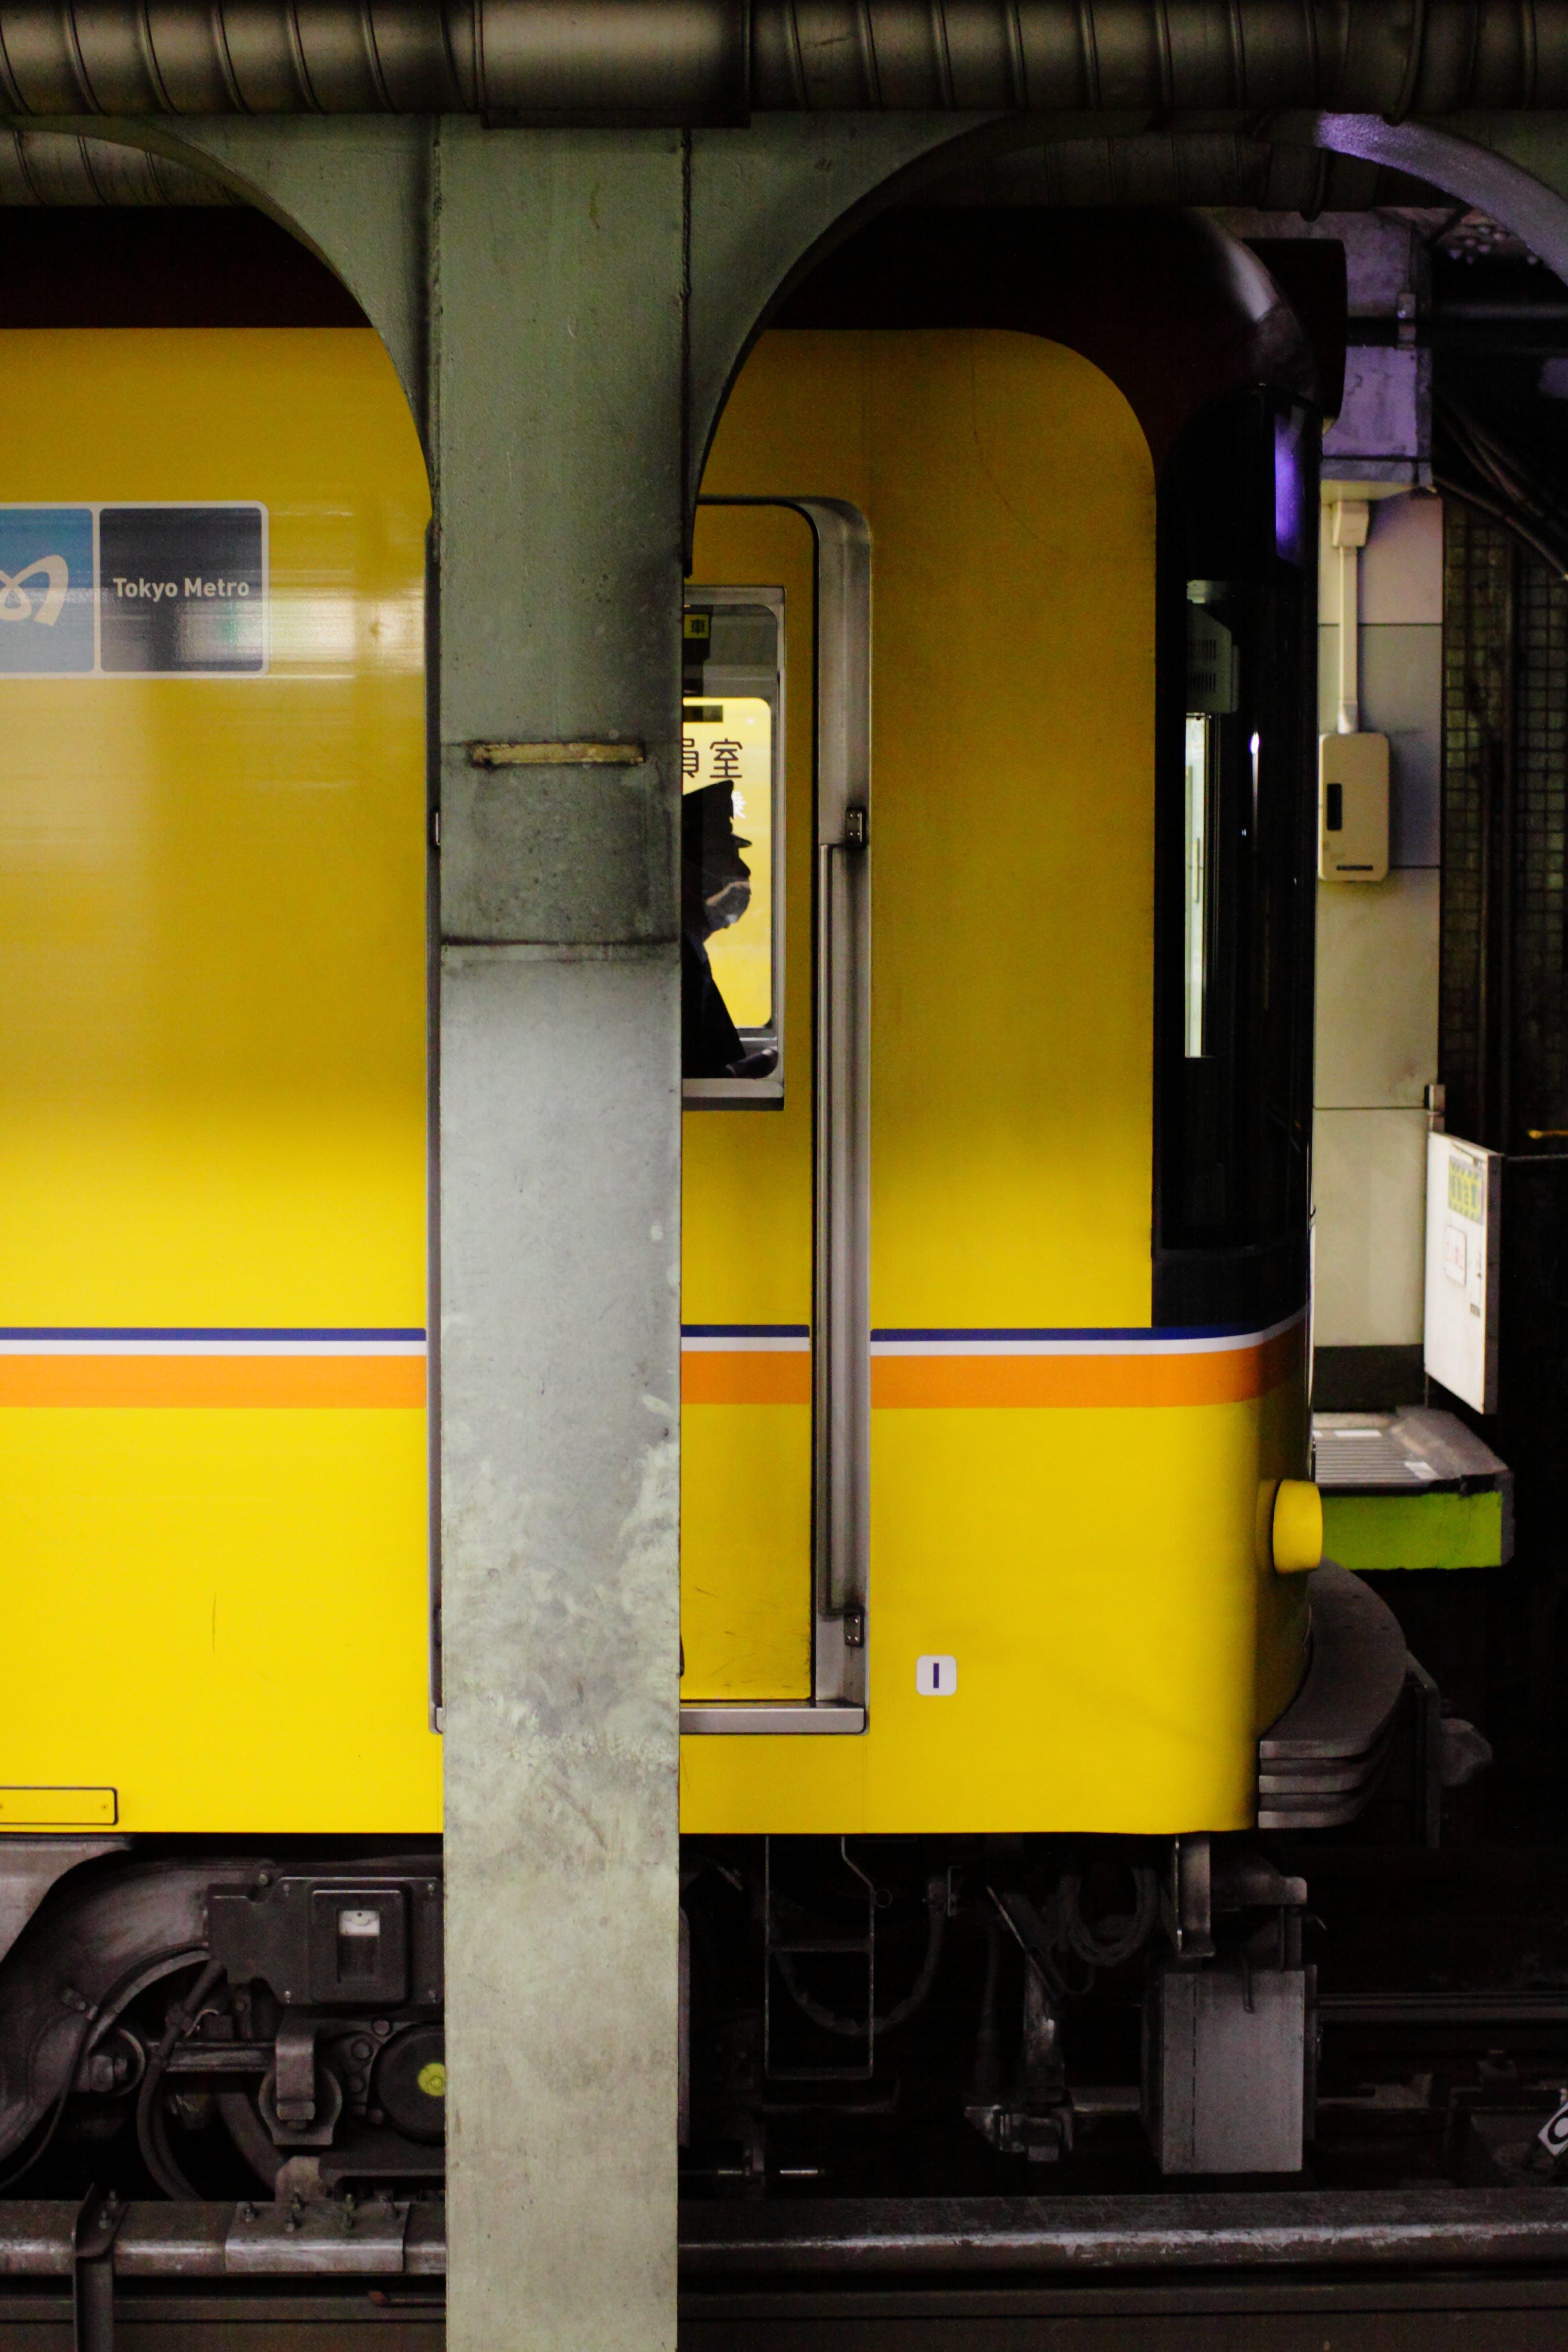 Free stock photo of train, yellow, help, subway